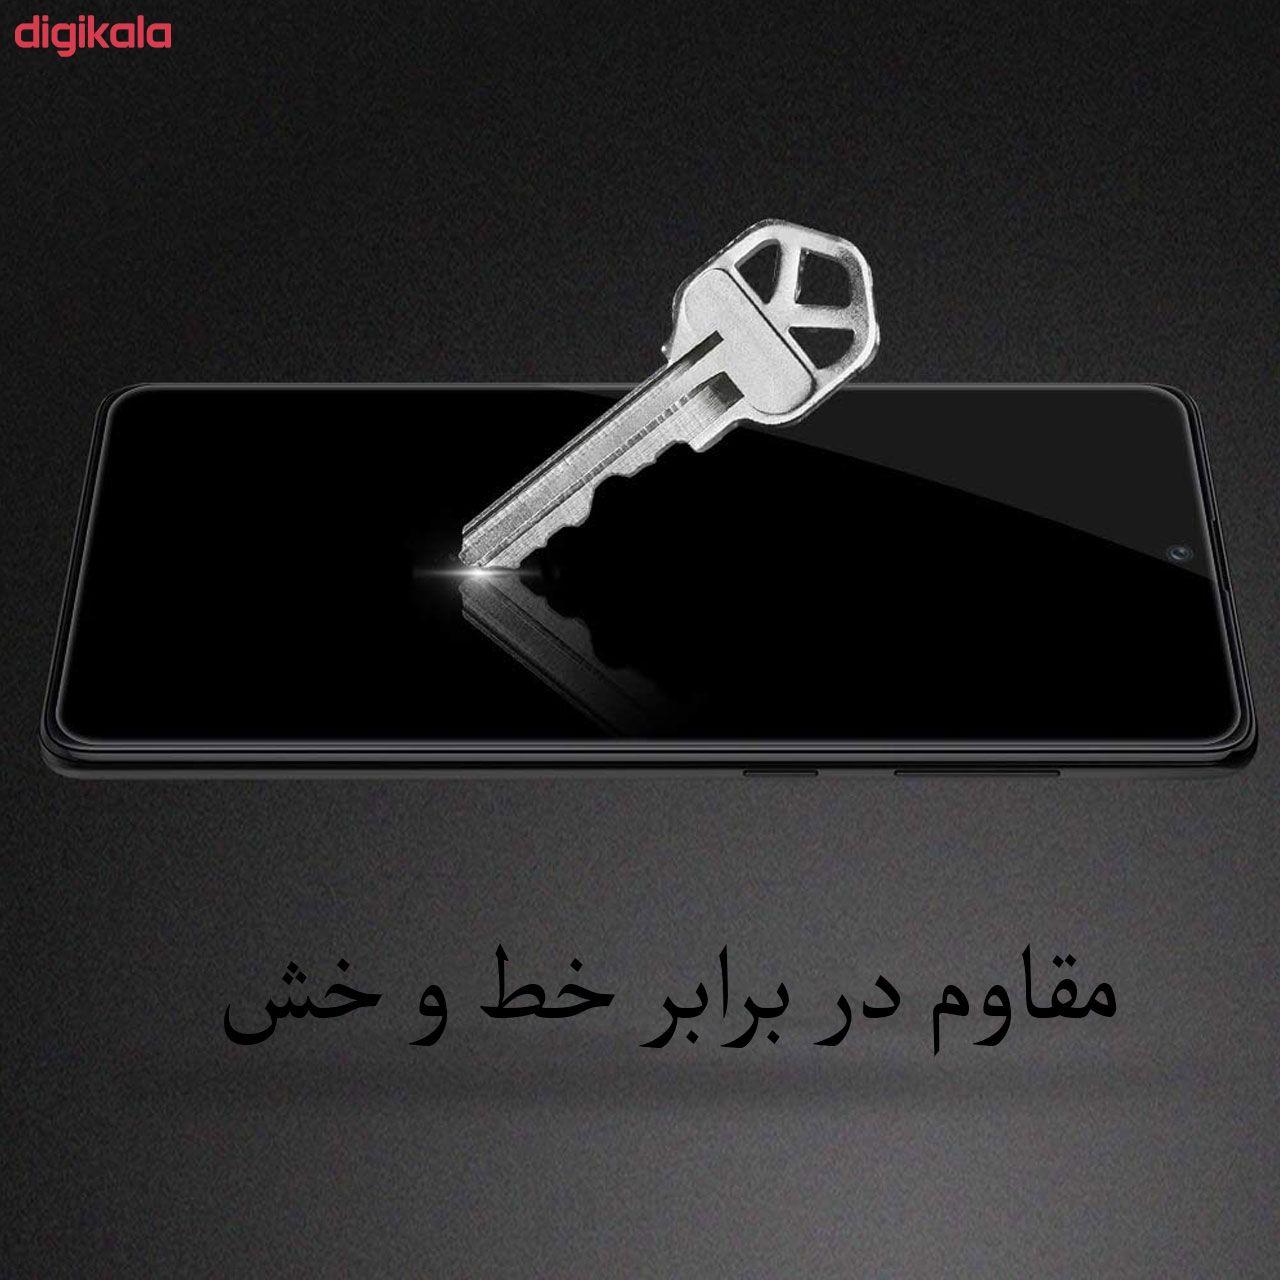 محافظ صفحه نمایش مدل FCG مناسب برای گوشی موبایل شیائومی Redmi Note 9 Pro بسته دو عددی main 1 9